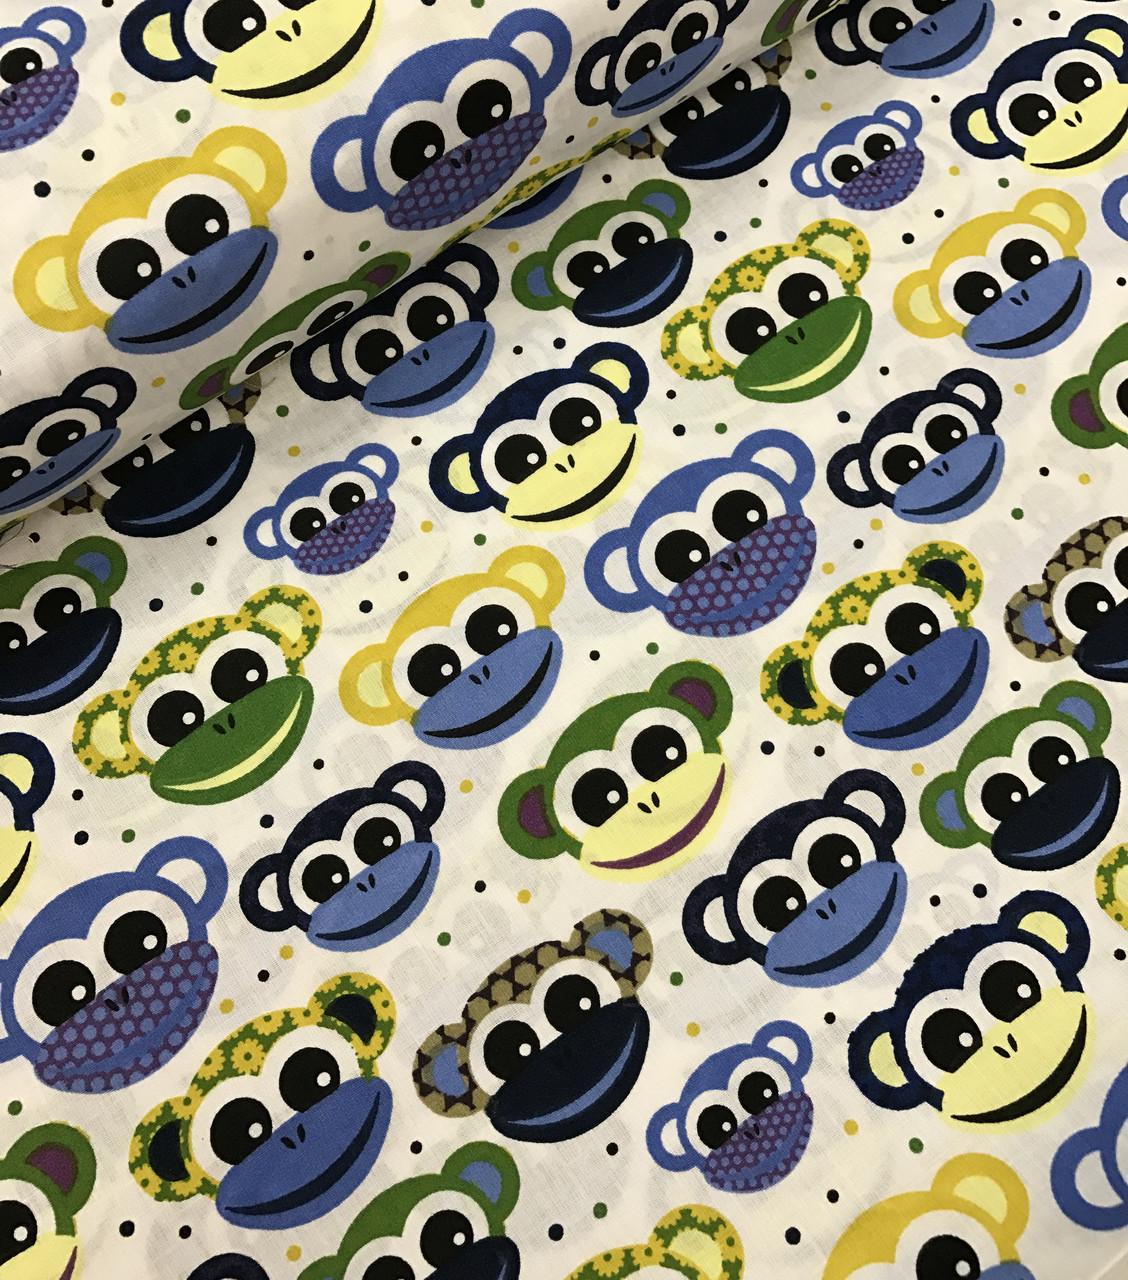 Хлопковая ткань польская обезьянки сине-желто-зеленые на белом